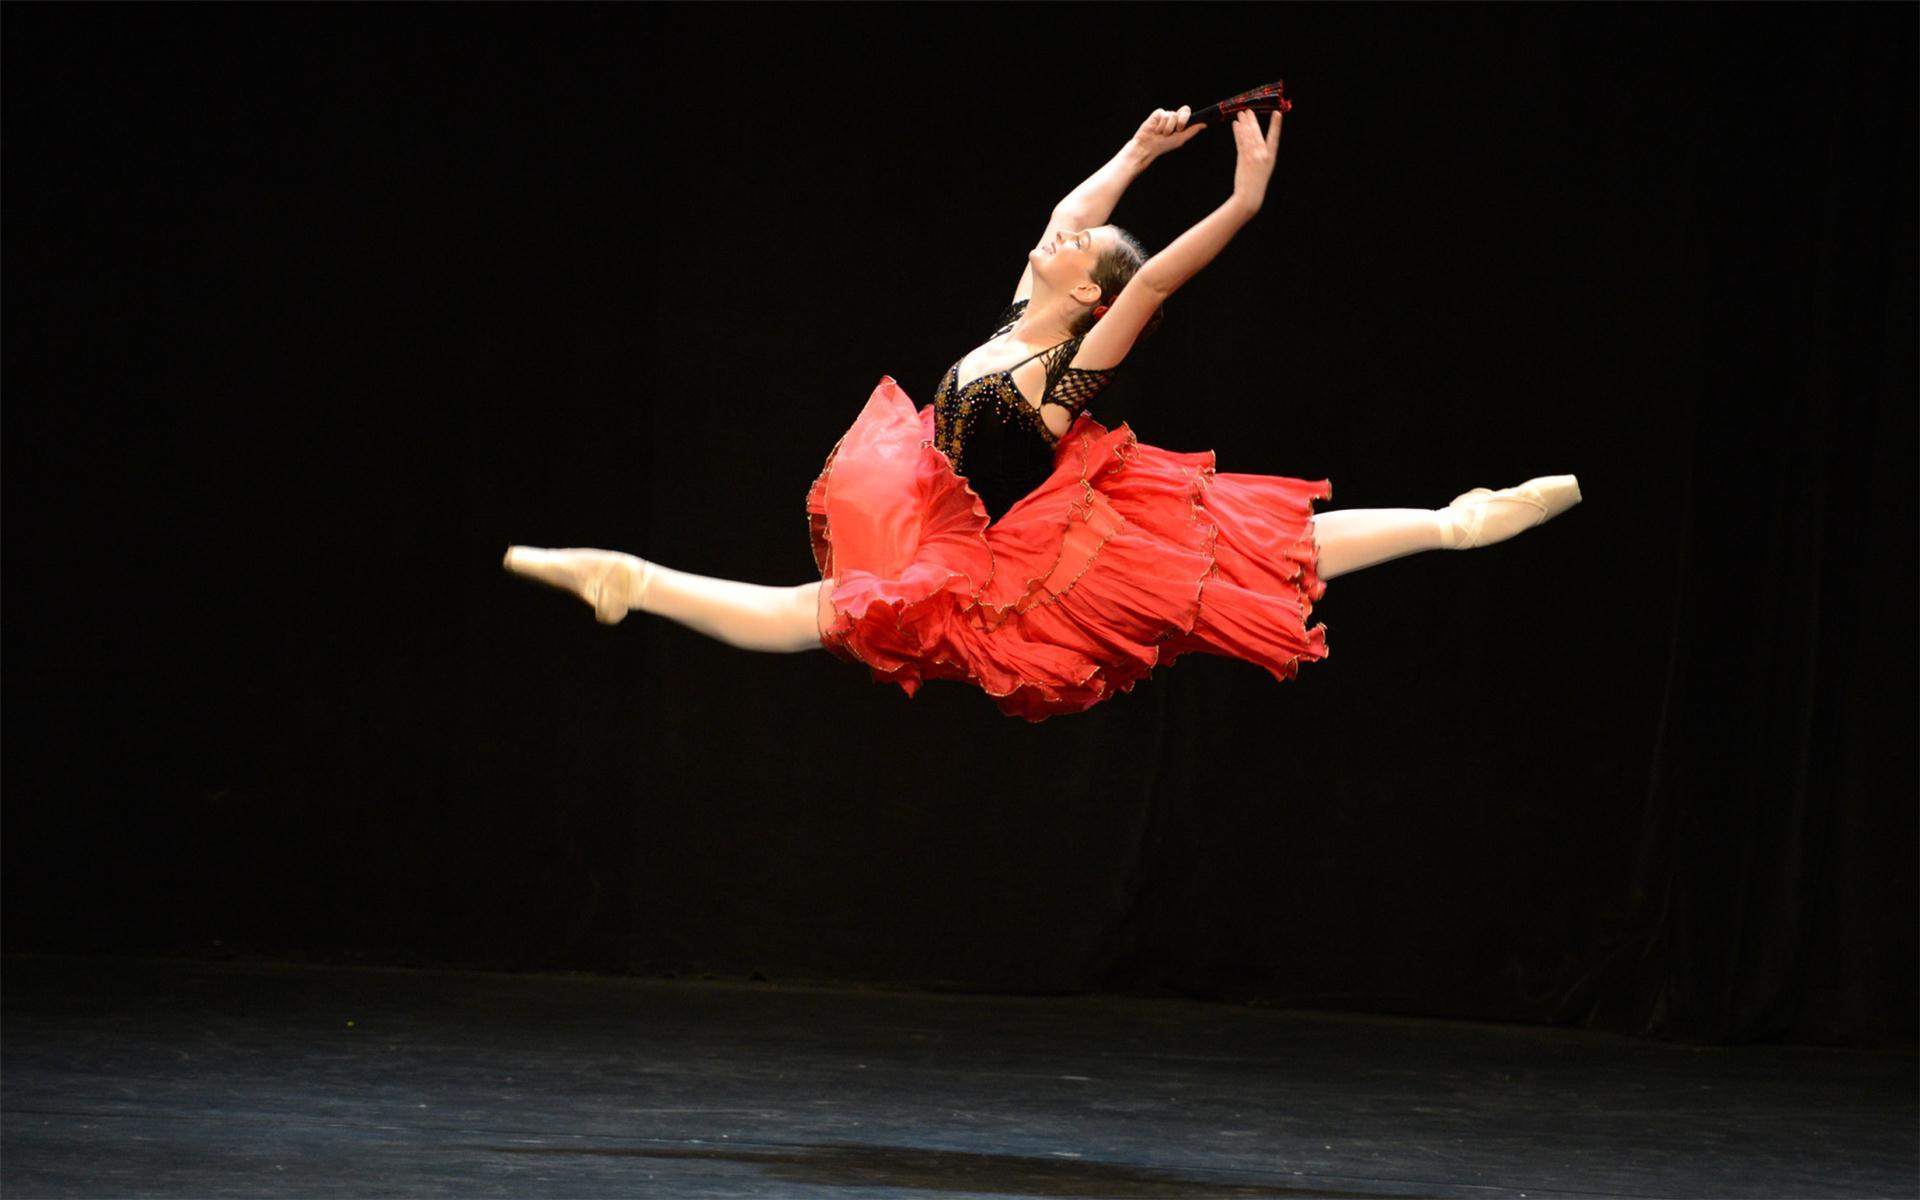 舞蹈造型艺术